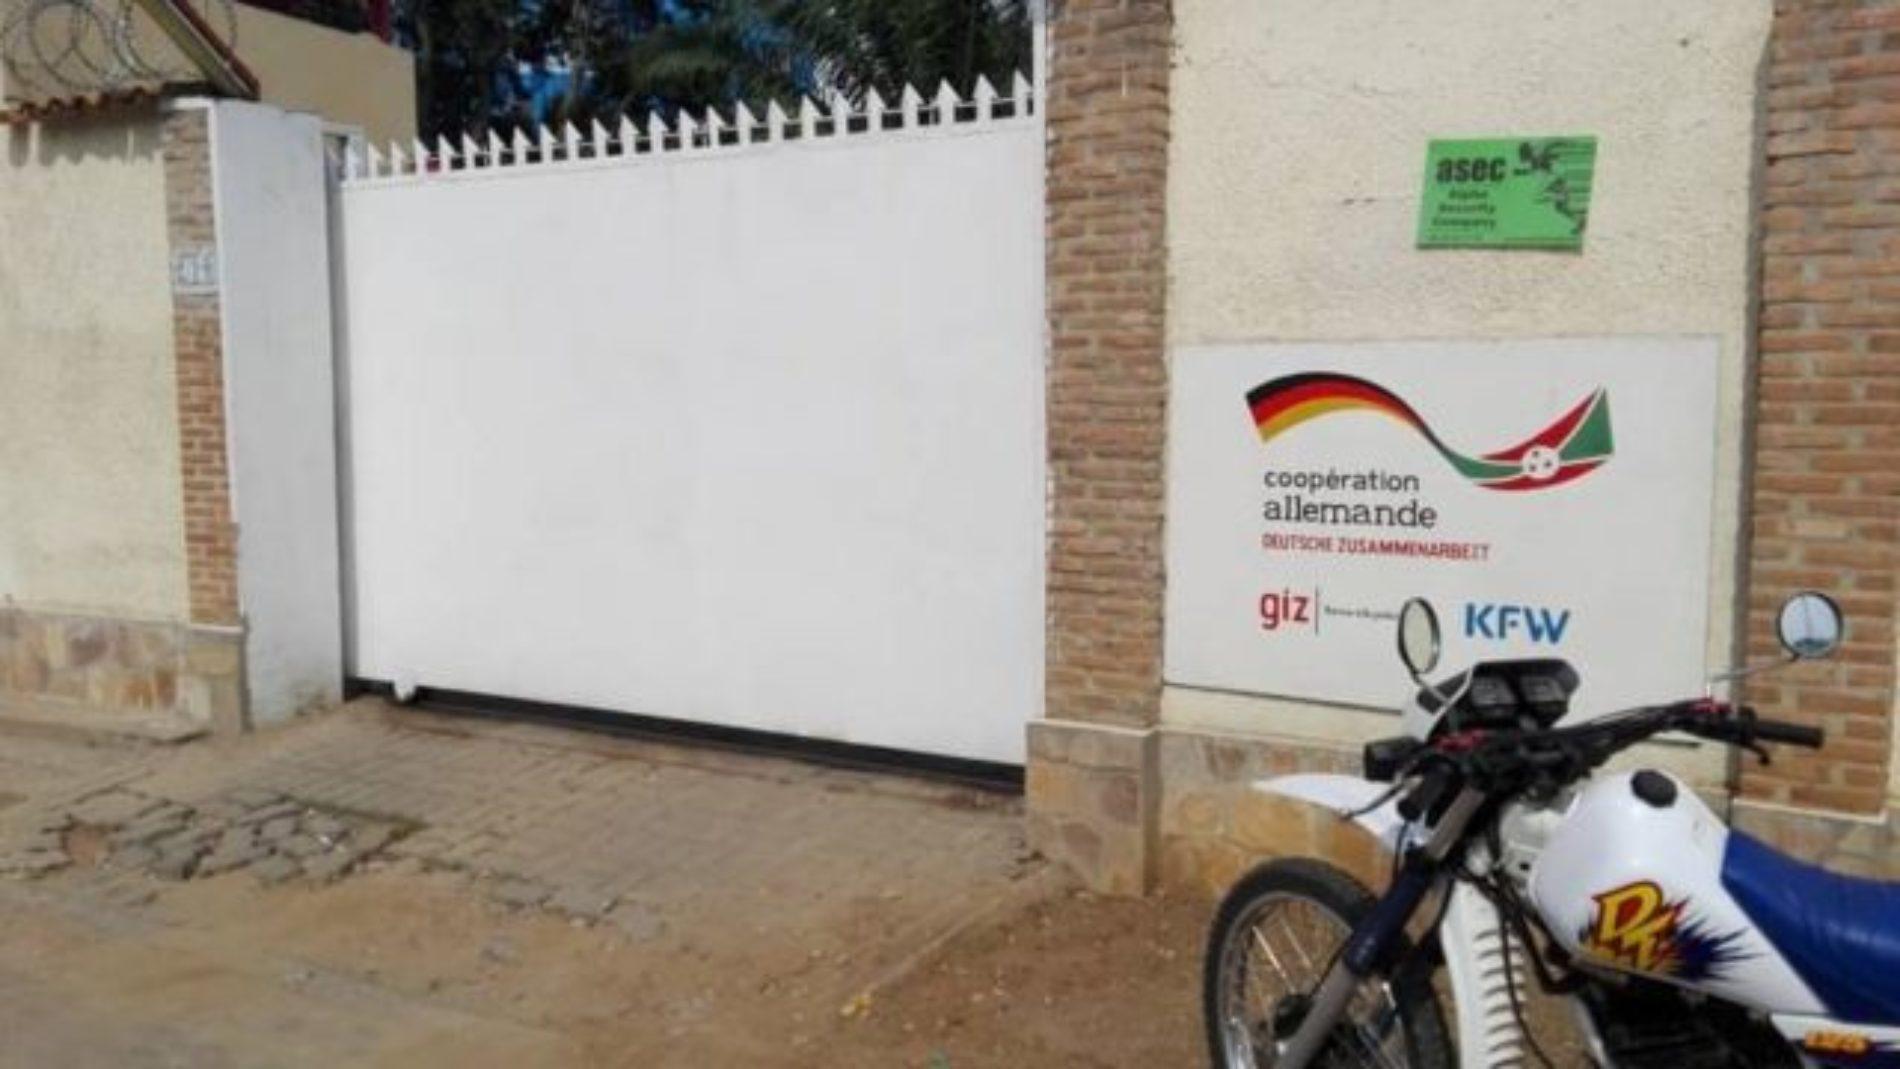 Burundi : vers la fermeture de la GIZ?